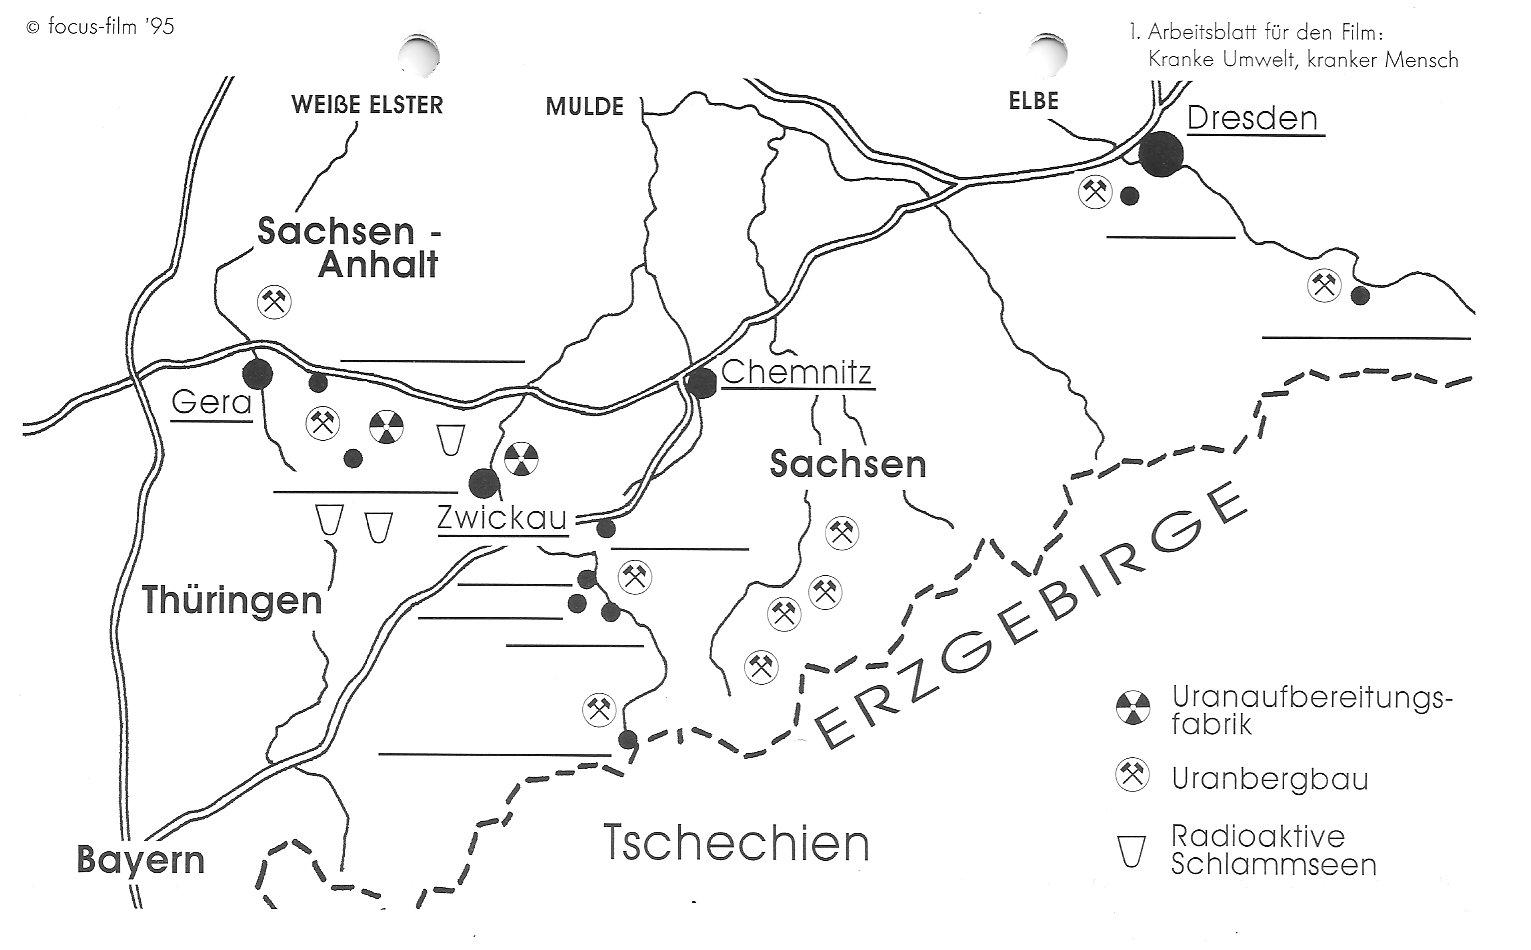 Kranke Umwelt, kranker Mensch – Uranabbau im Erzgebirge ...